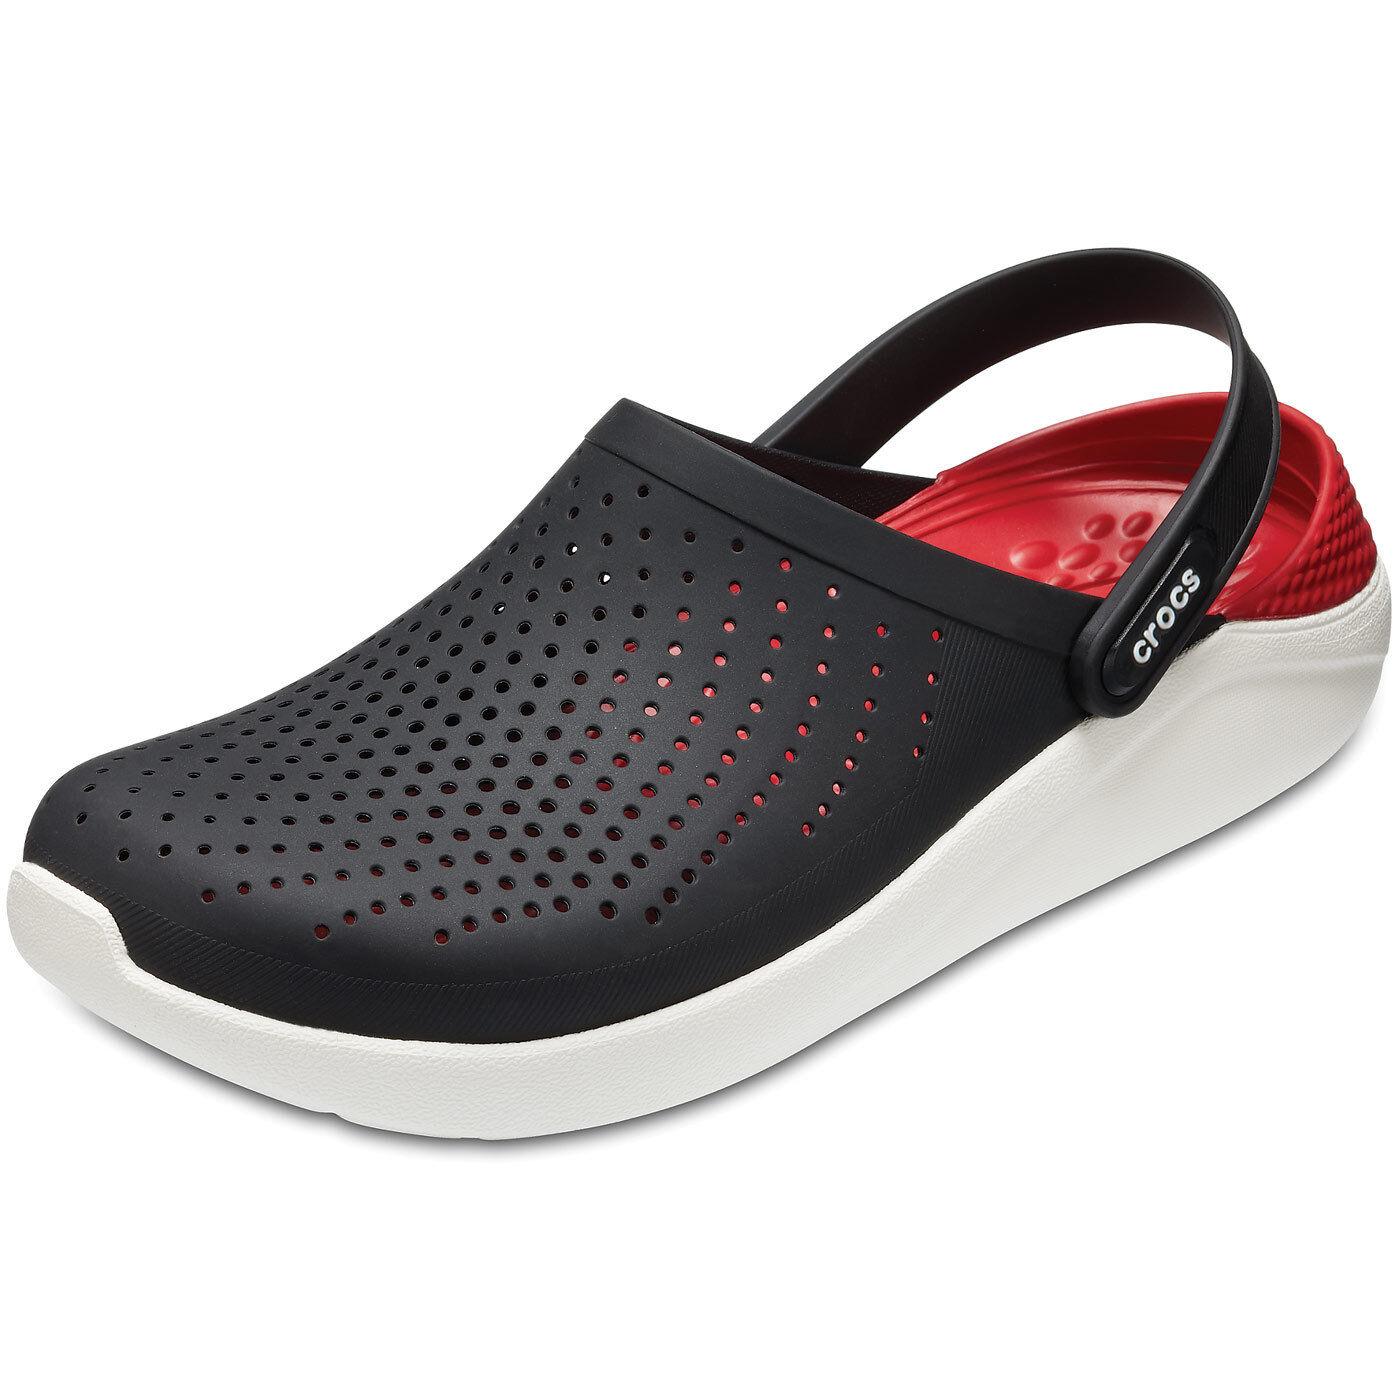 Crocs Literide Unisex Soft Clogs schwarz/weiß (black/white)